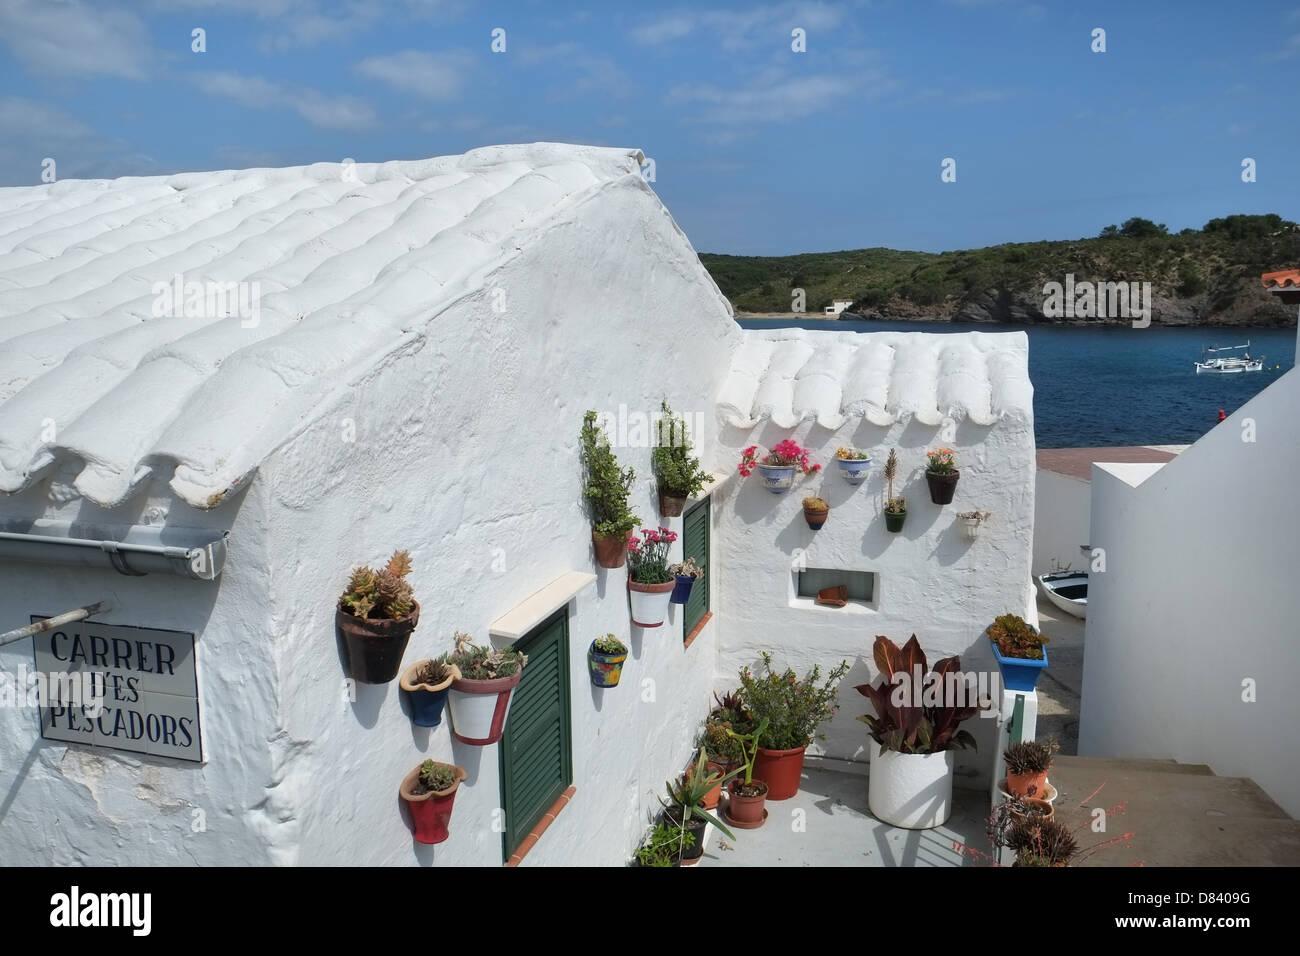 Weiss Getunchten Hauschen Mit Flachdachziegel Dach Und Blumentopfe